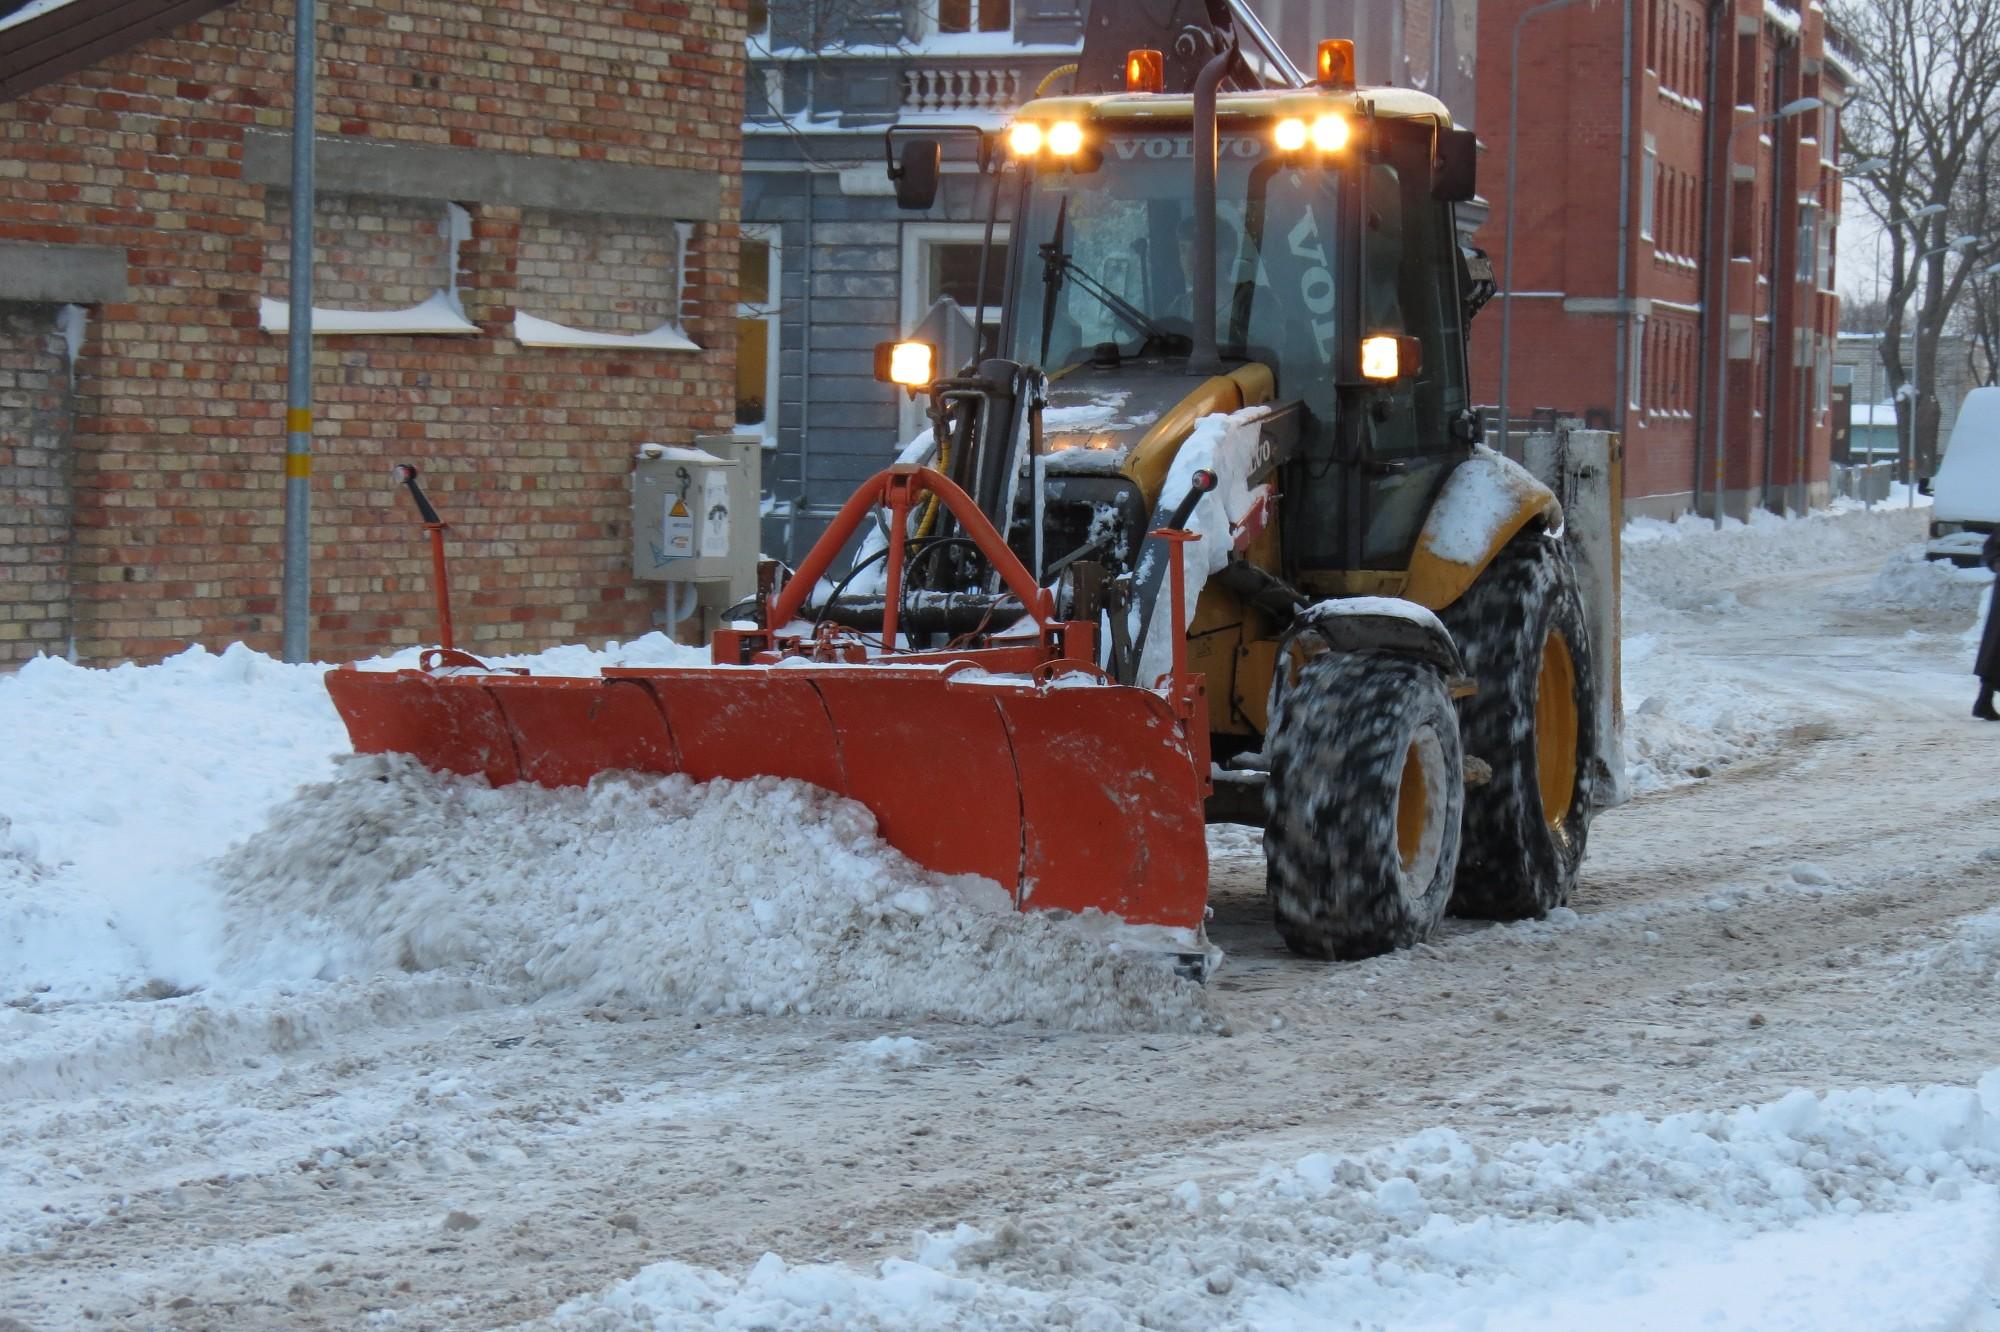 Liepājas Ziemas dienests sola labāku darba kvalitāti nekā aizvadītajā sezonā